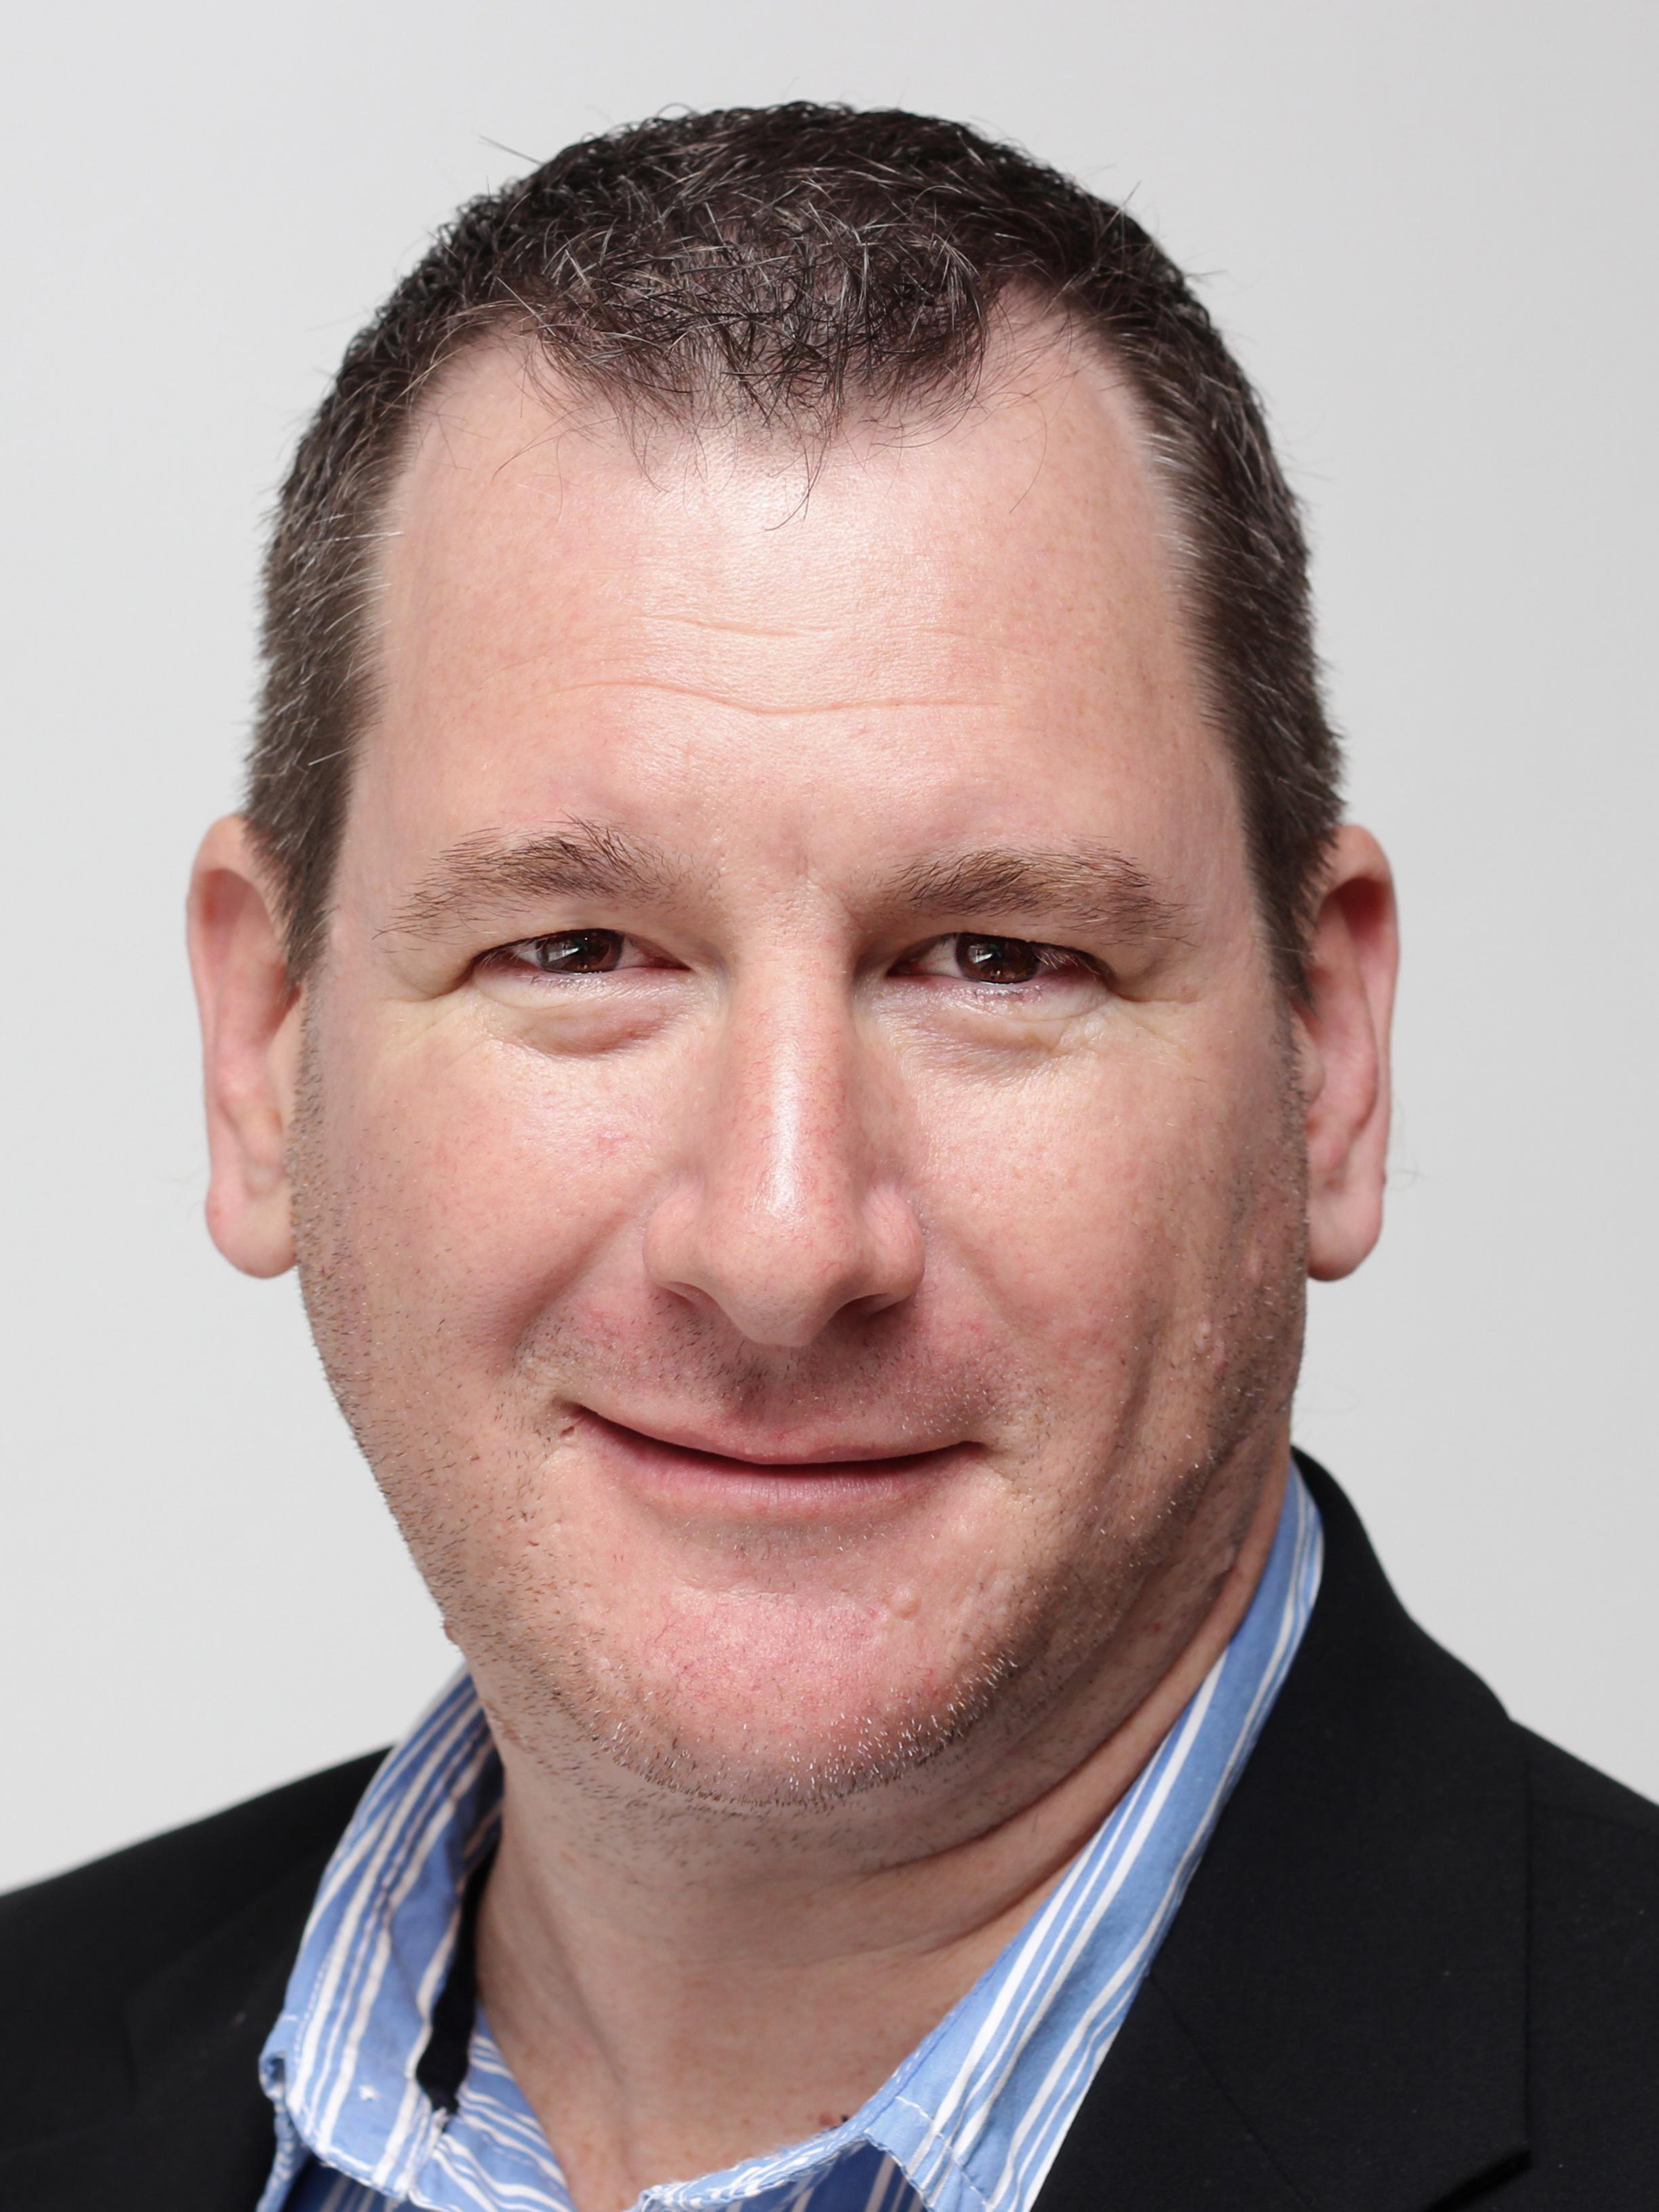 Jonathan Zolty